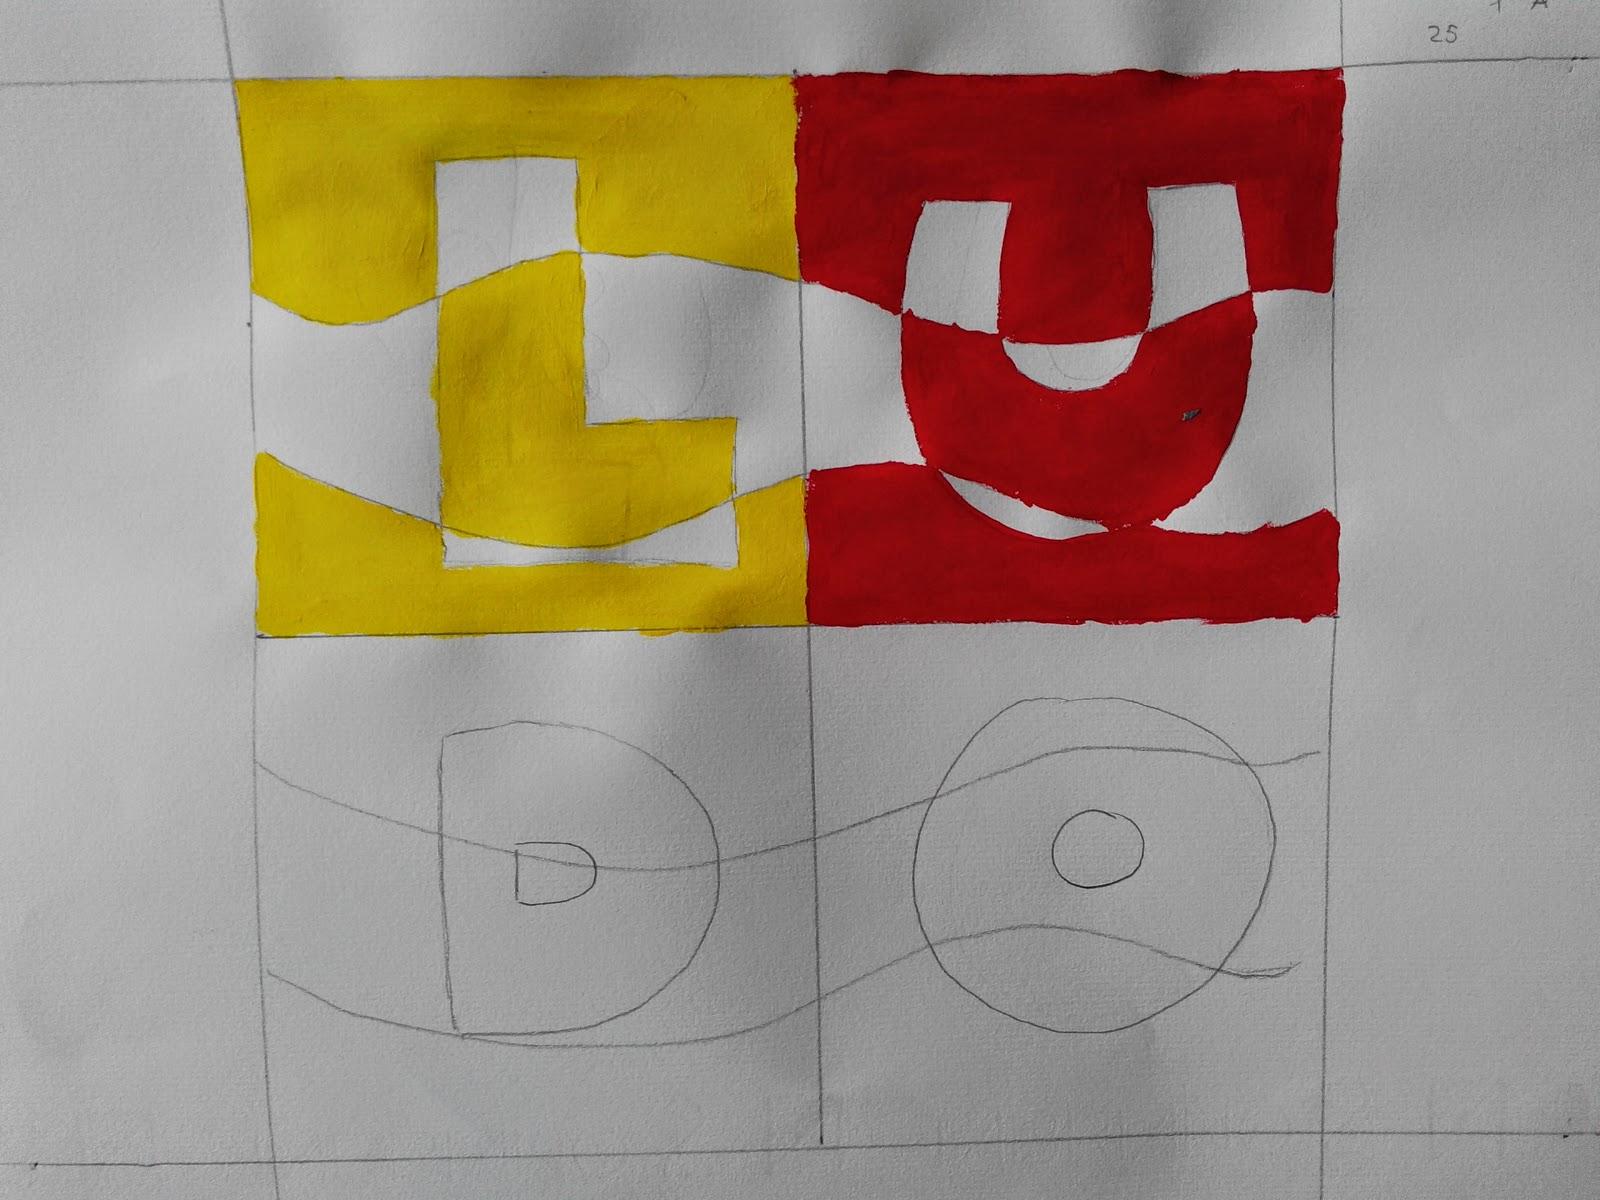 Arte in classe colori complementari alternati bianco e nero - Pagine a colori in bianco e nero ...